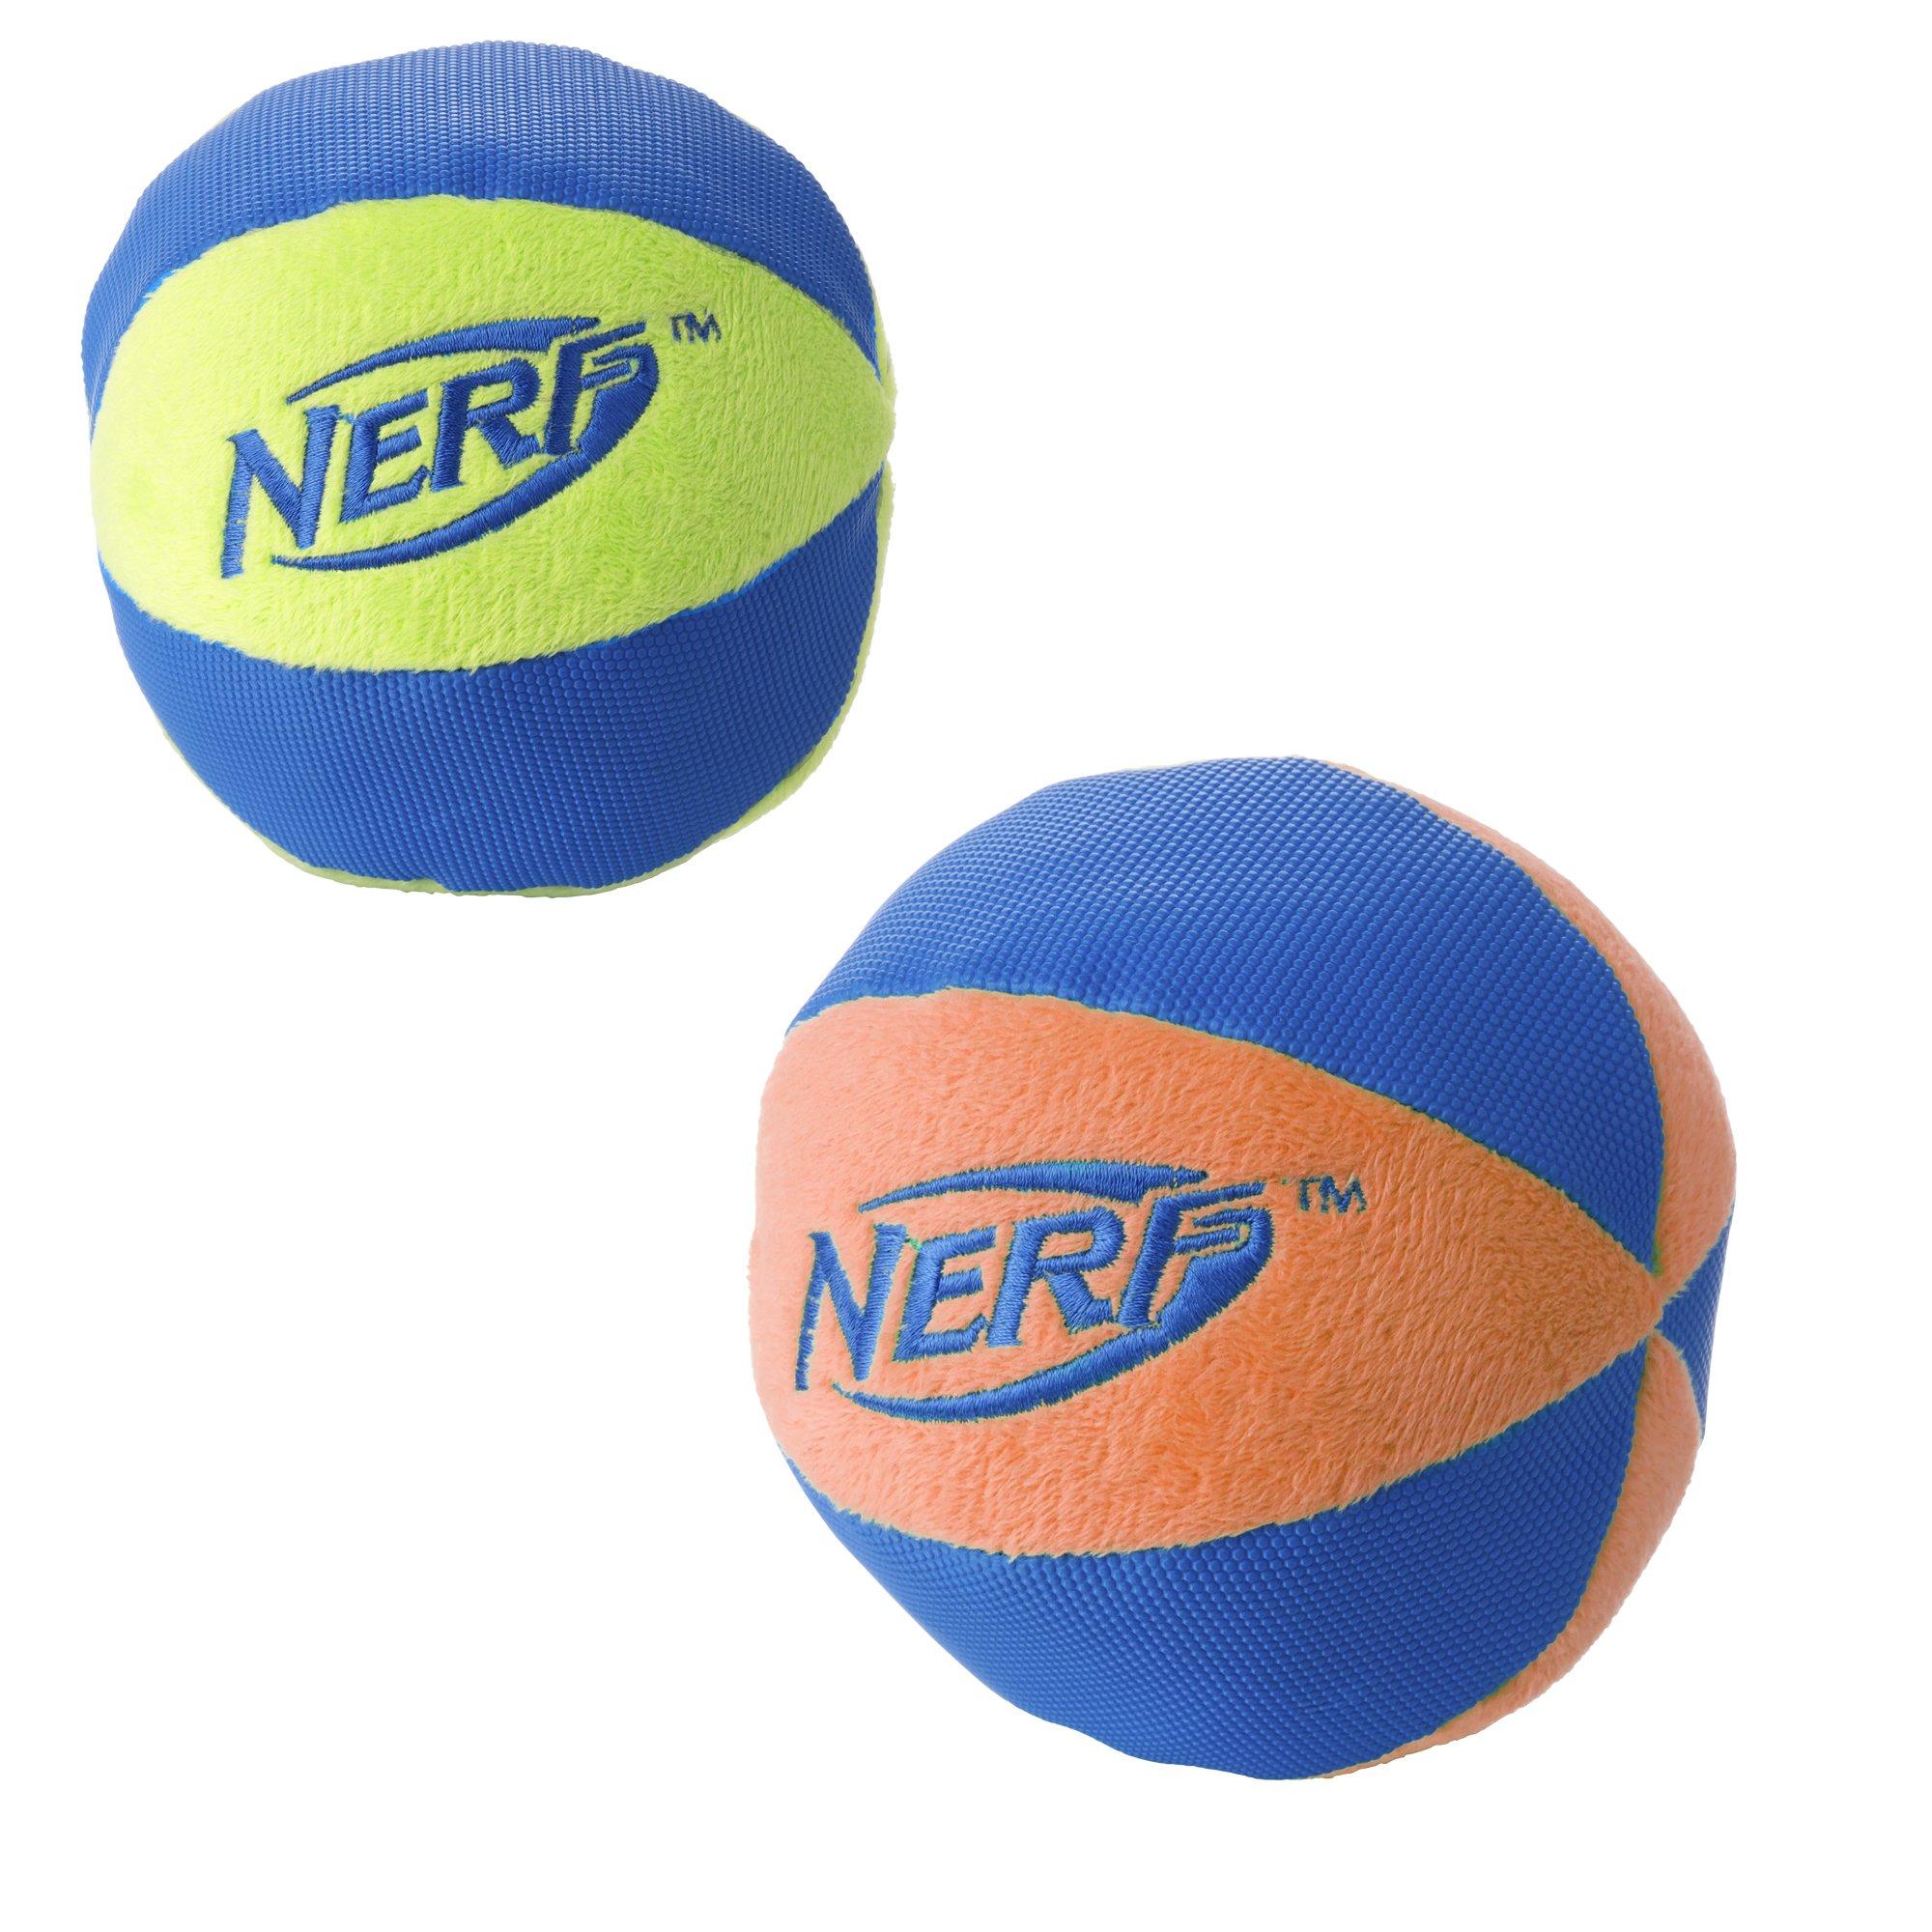 Nerf Dog 2-Pack UltraPlush Trackshot Ball Dog Toy, Orange/Blue & Green/Blue, Large